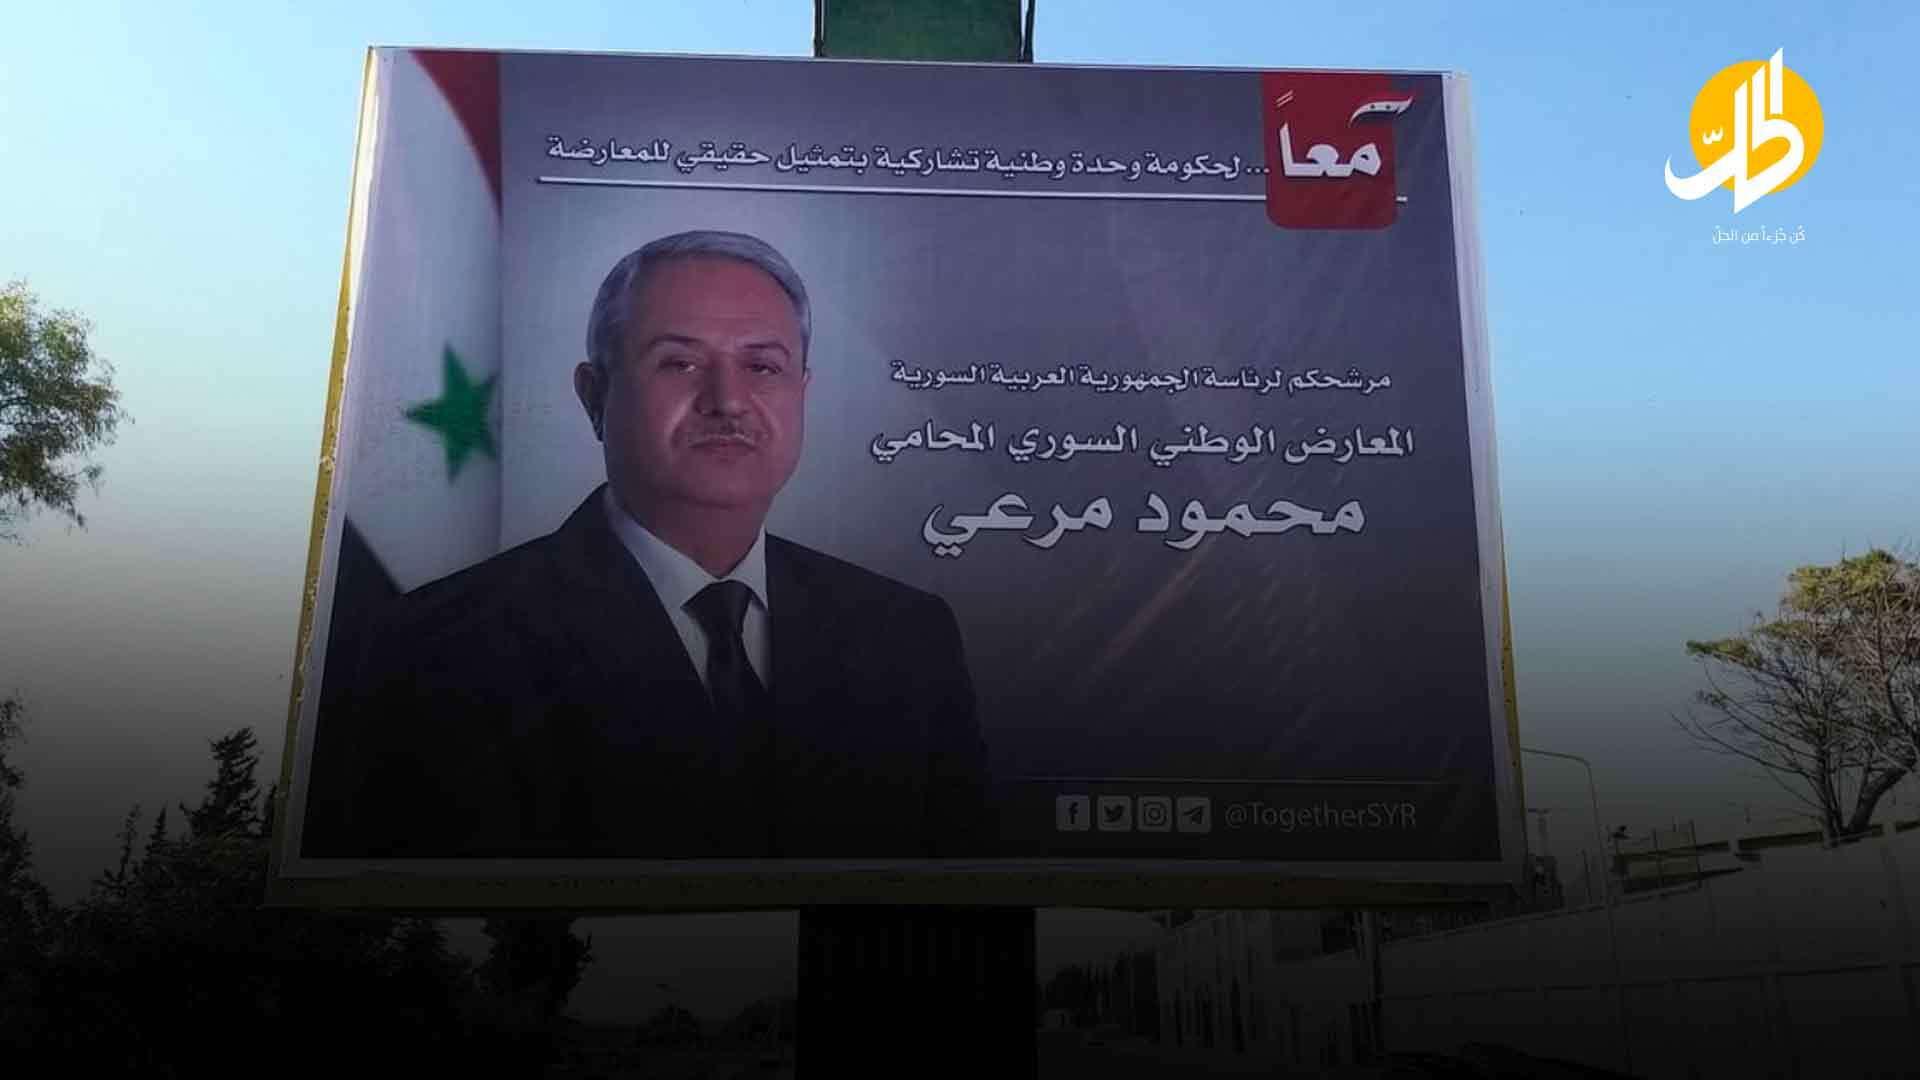 مرشّح الرِّئاسة السُّوريّة يكشف لـ (الحل نت) سبّب اعتقاله.. ويؤكّد: «لا نرغب بدستورٍ قائم على المحاصصة»